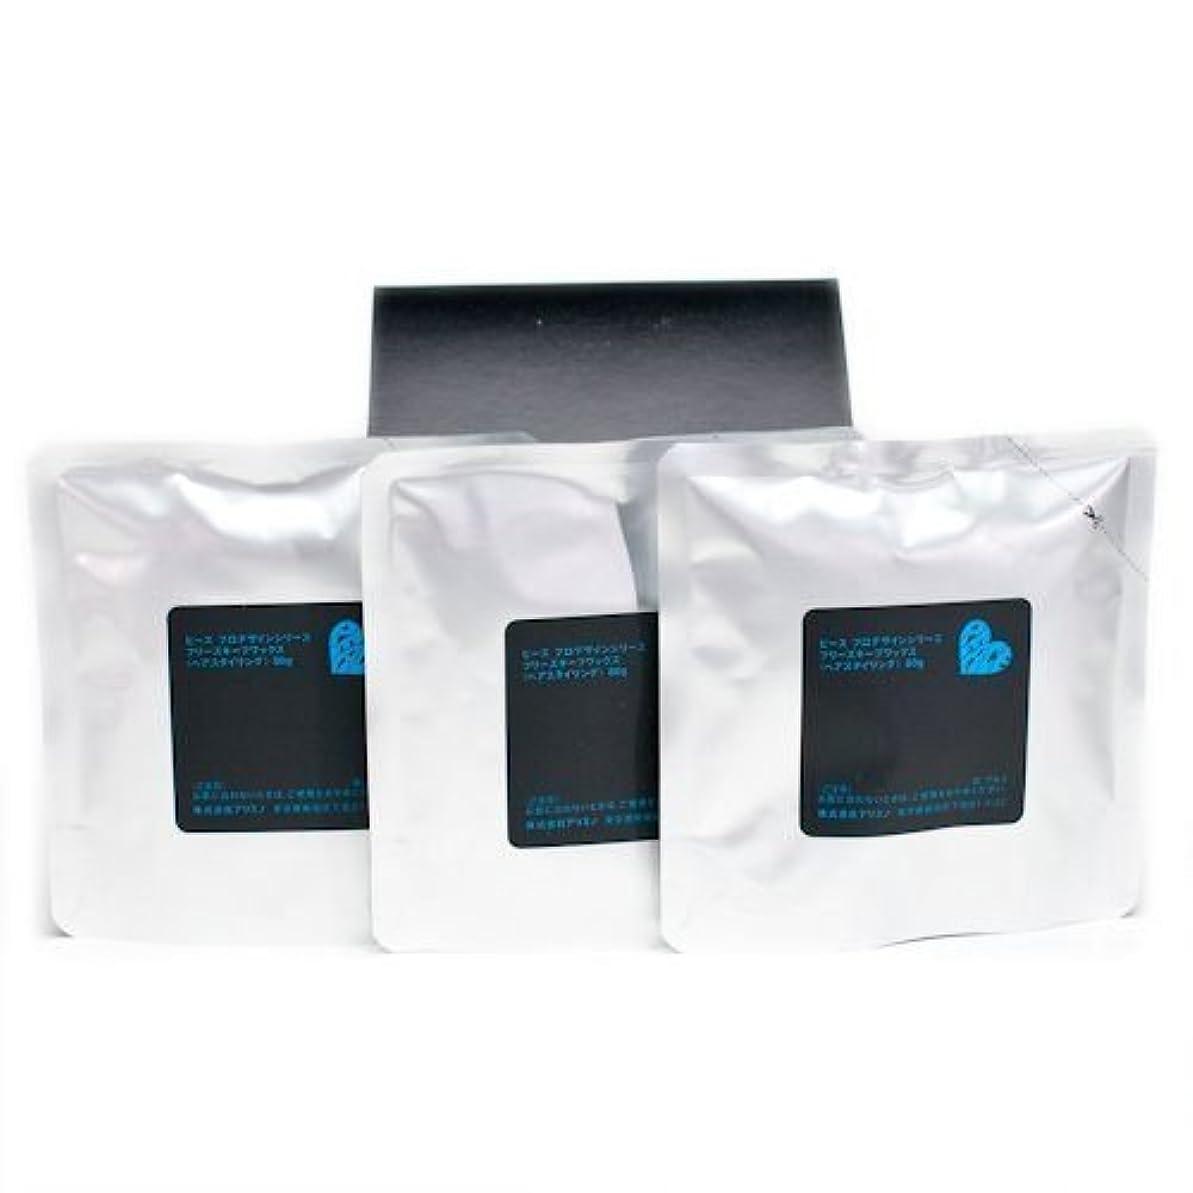 マーケティングいいねずんぐりしたアリミノ ピース プロデザイン フリーズキープワックス80g×3個 ×2個 セット 詰め替え用 arimino PEACE